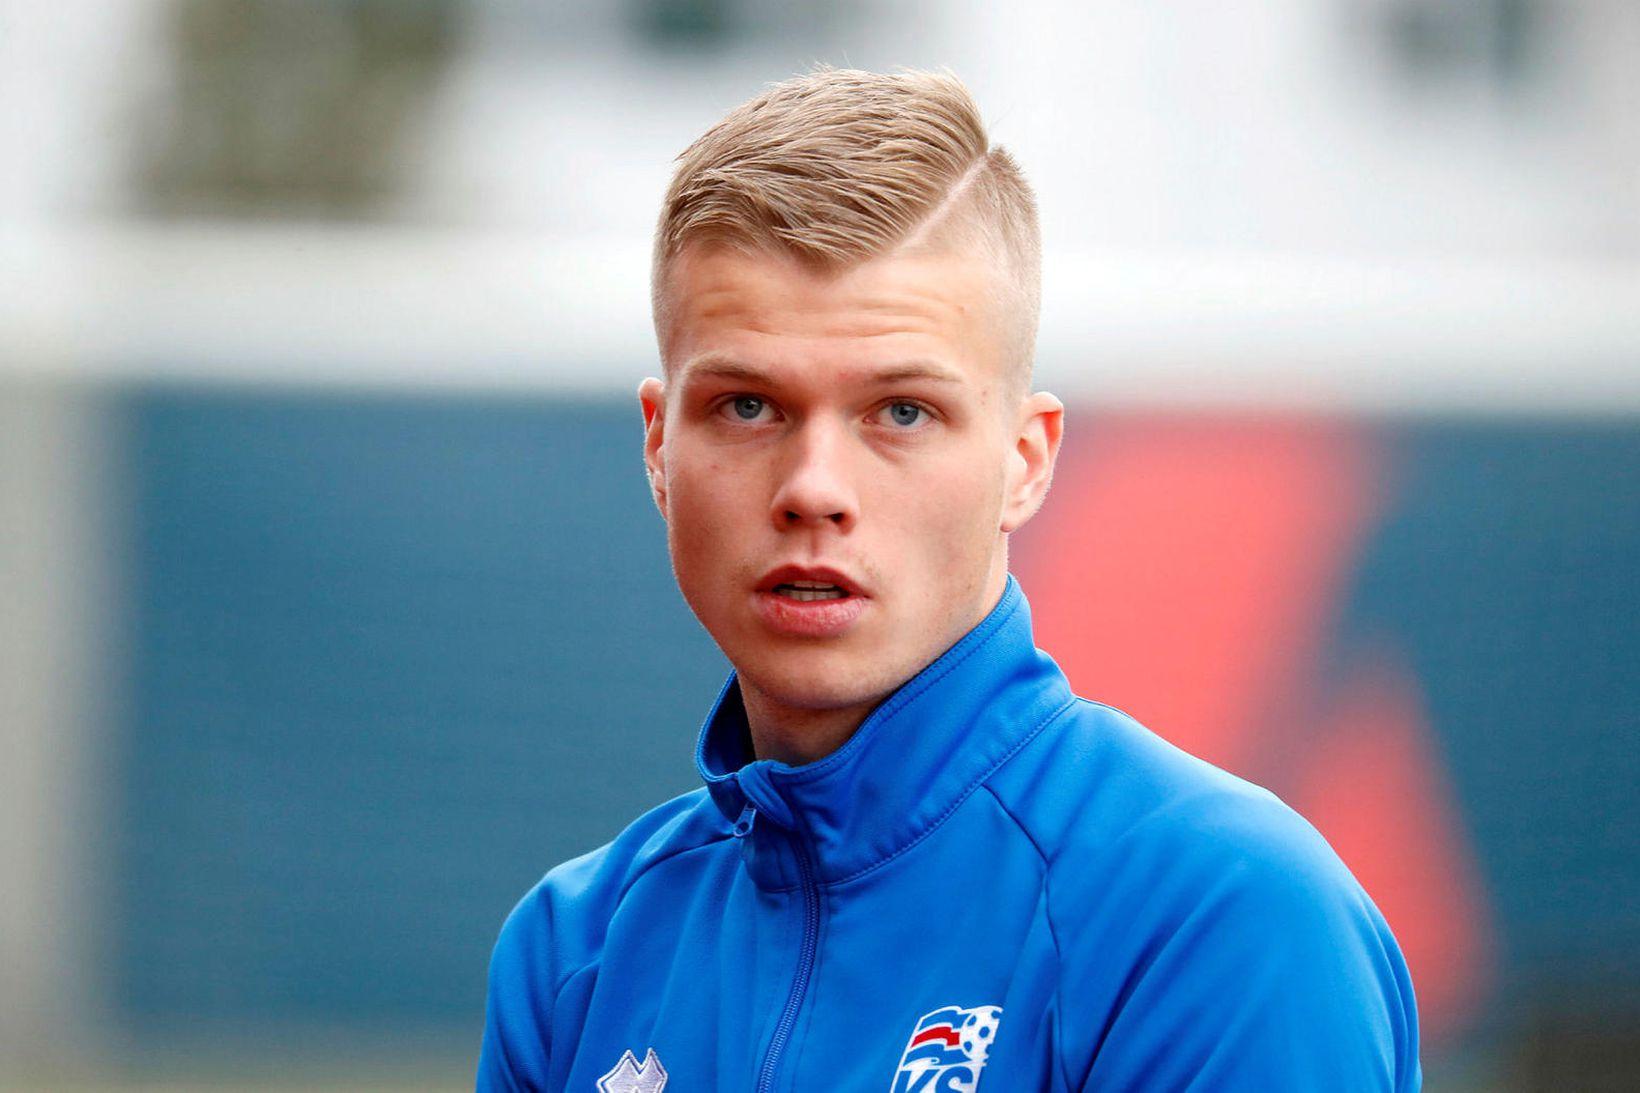 Samúel Kári Friðjónsson.